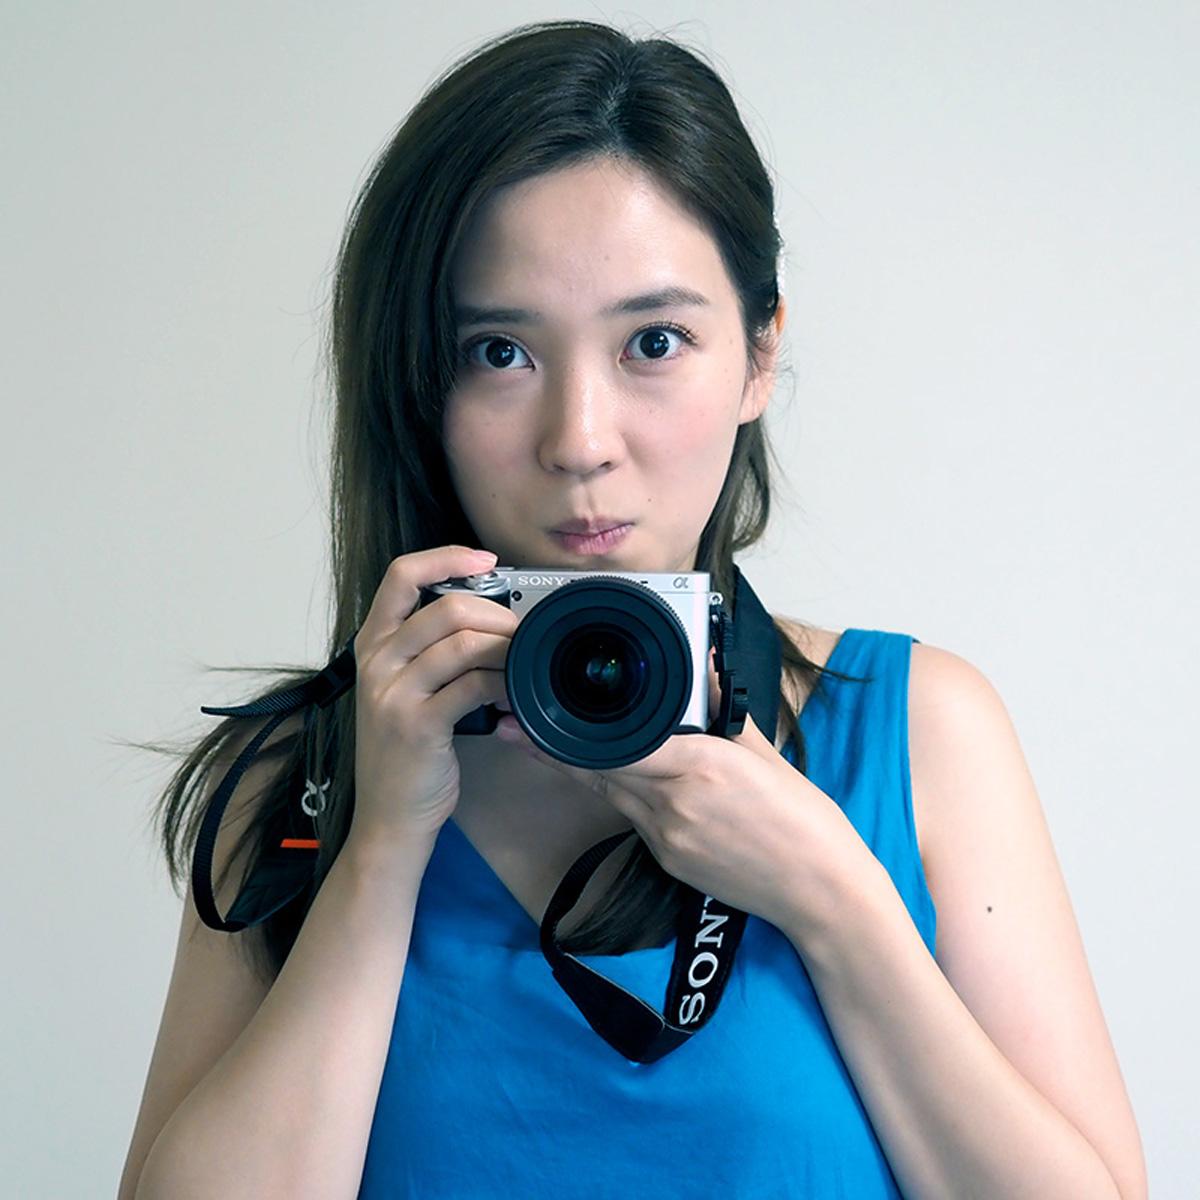 アラサー女子が初マイカメラ購入!ソニー「α6400」を超ビギナーが使ってみた